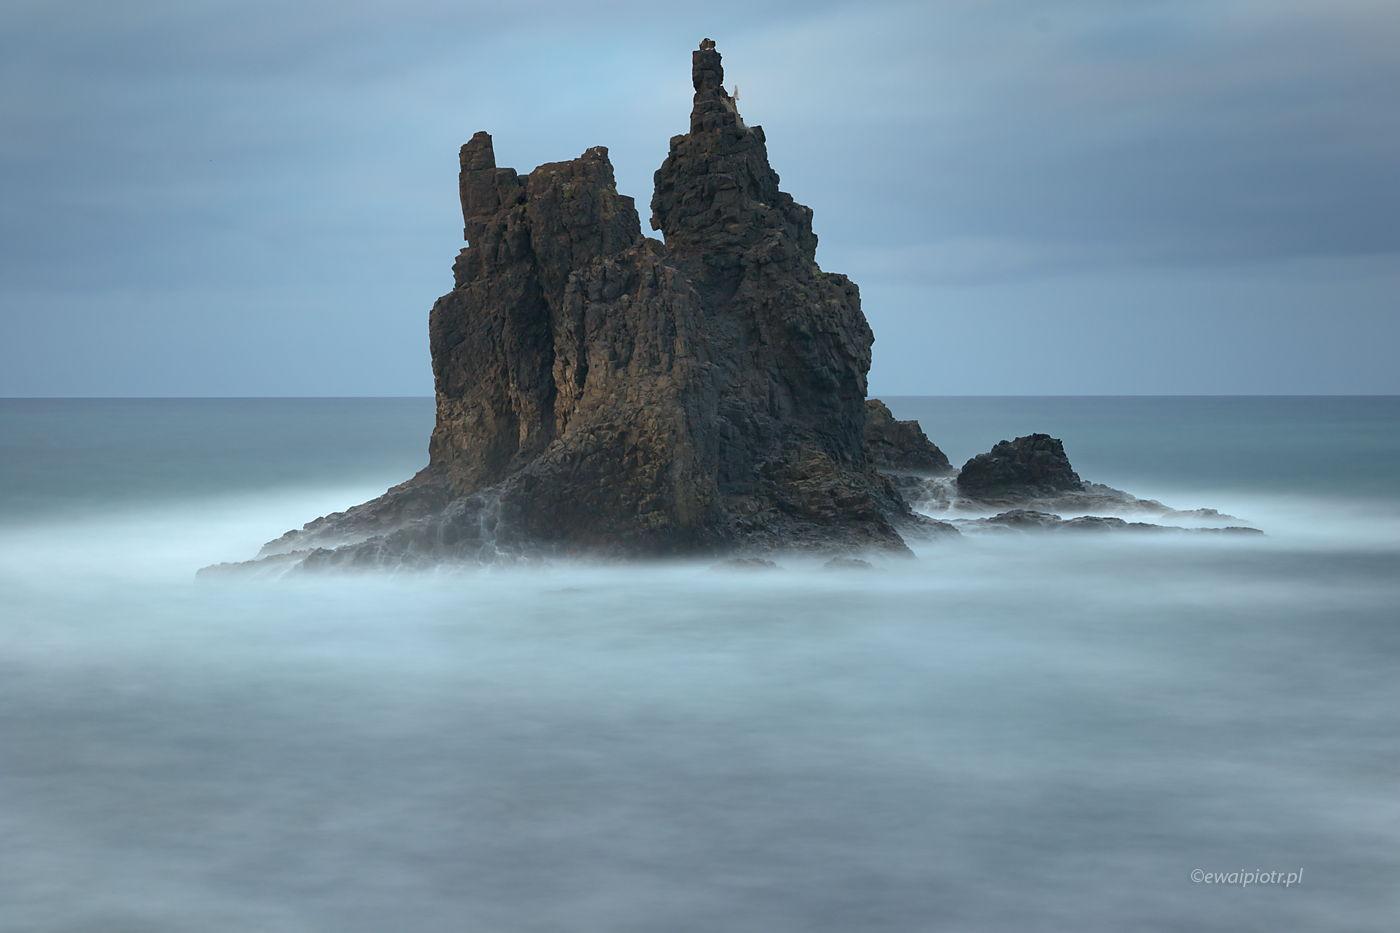 Zamek na wodzie, Teneryfa, Wyspy Kanaryjskie, samotna skała, długa ekspozycja, ocean, Atlantyk